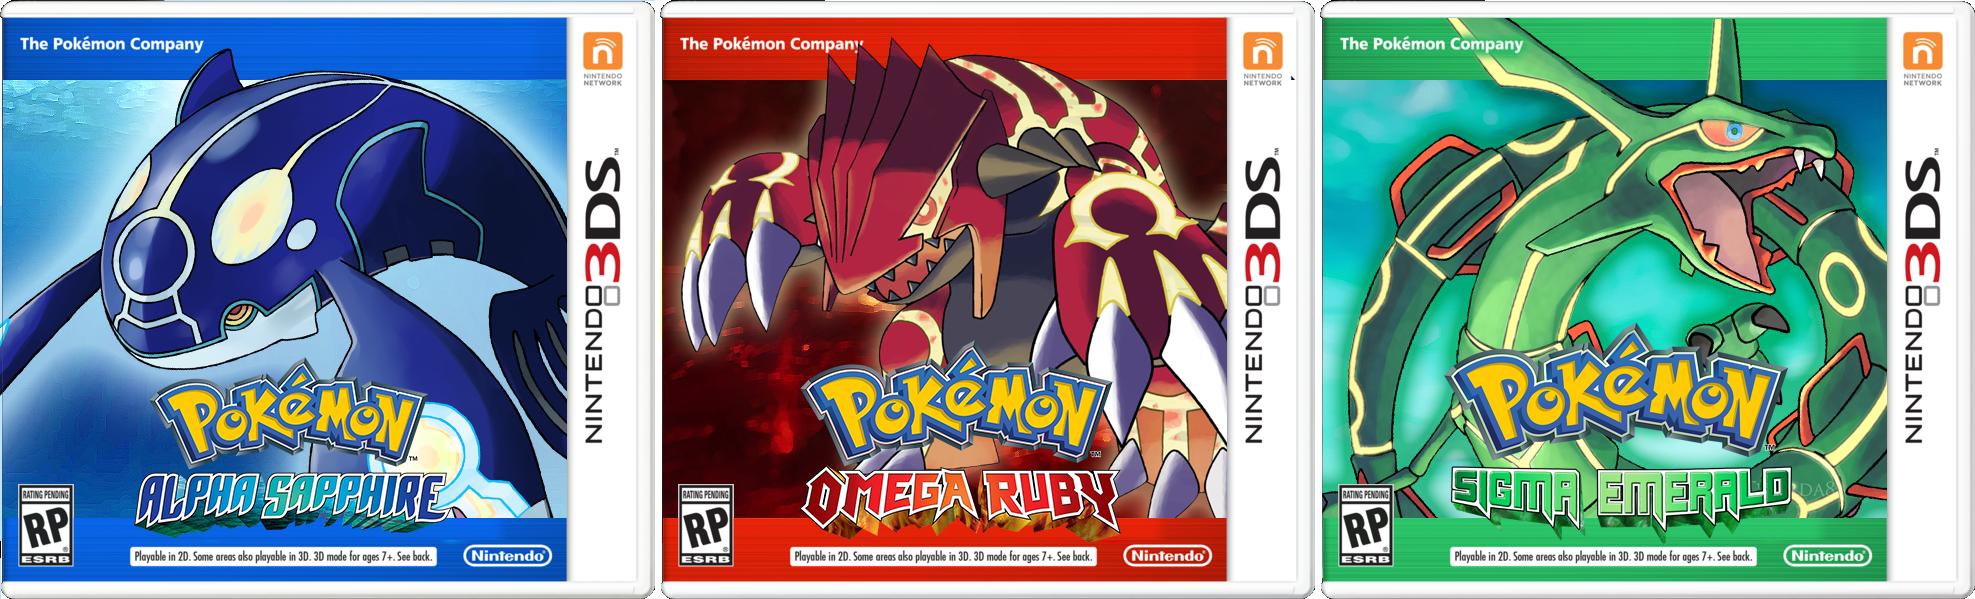 Pokemon Emerald Starter Pokemon Evolutions Pokemon Omega Ruby Alp...